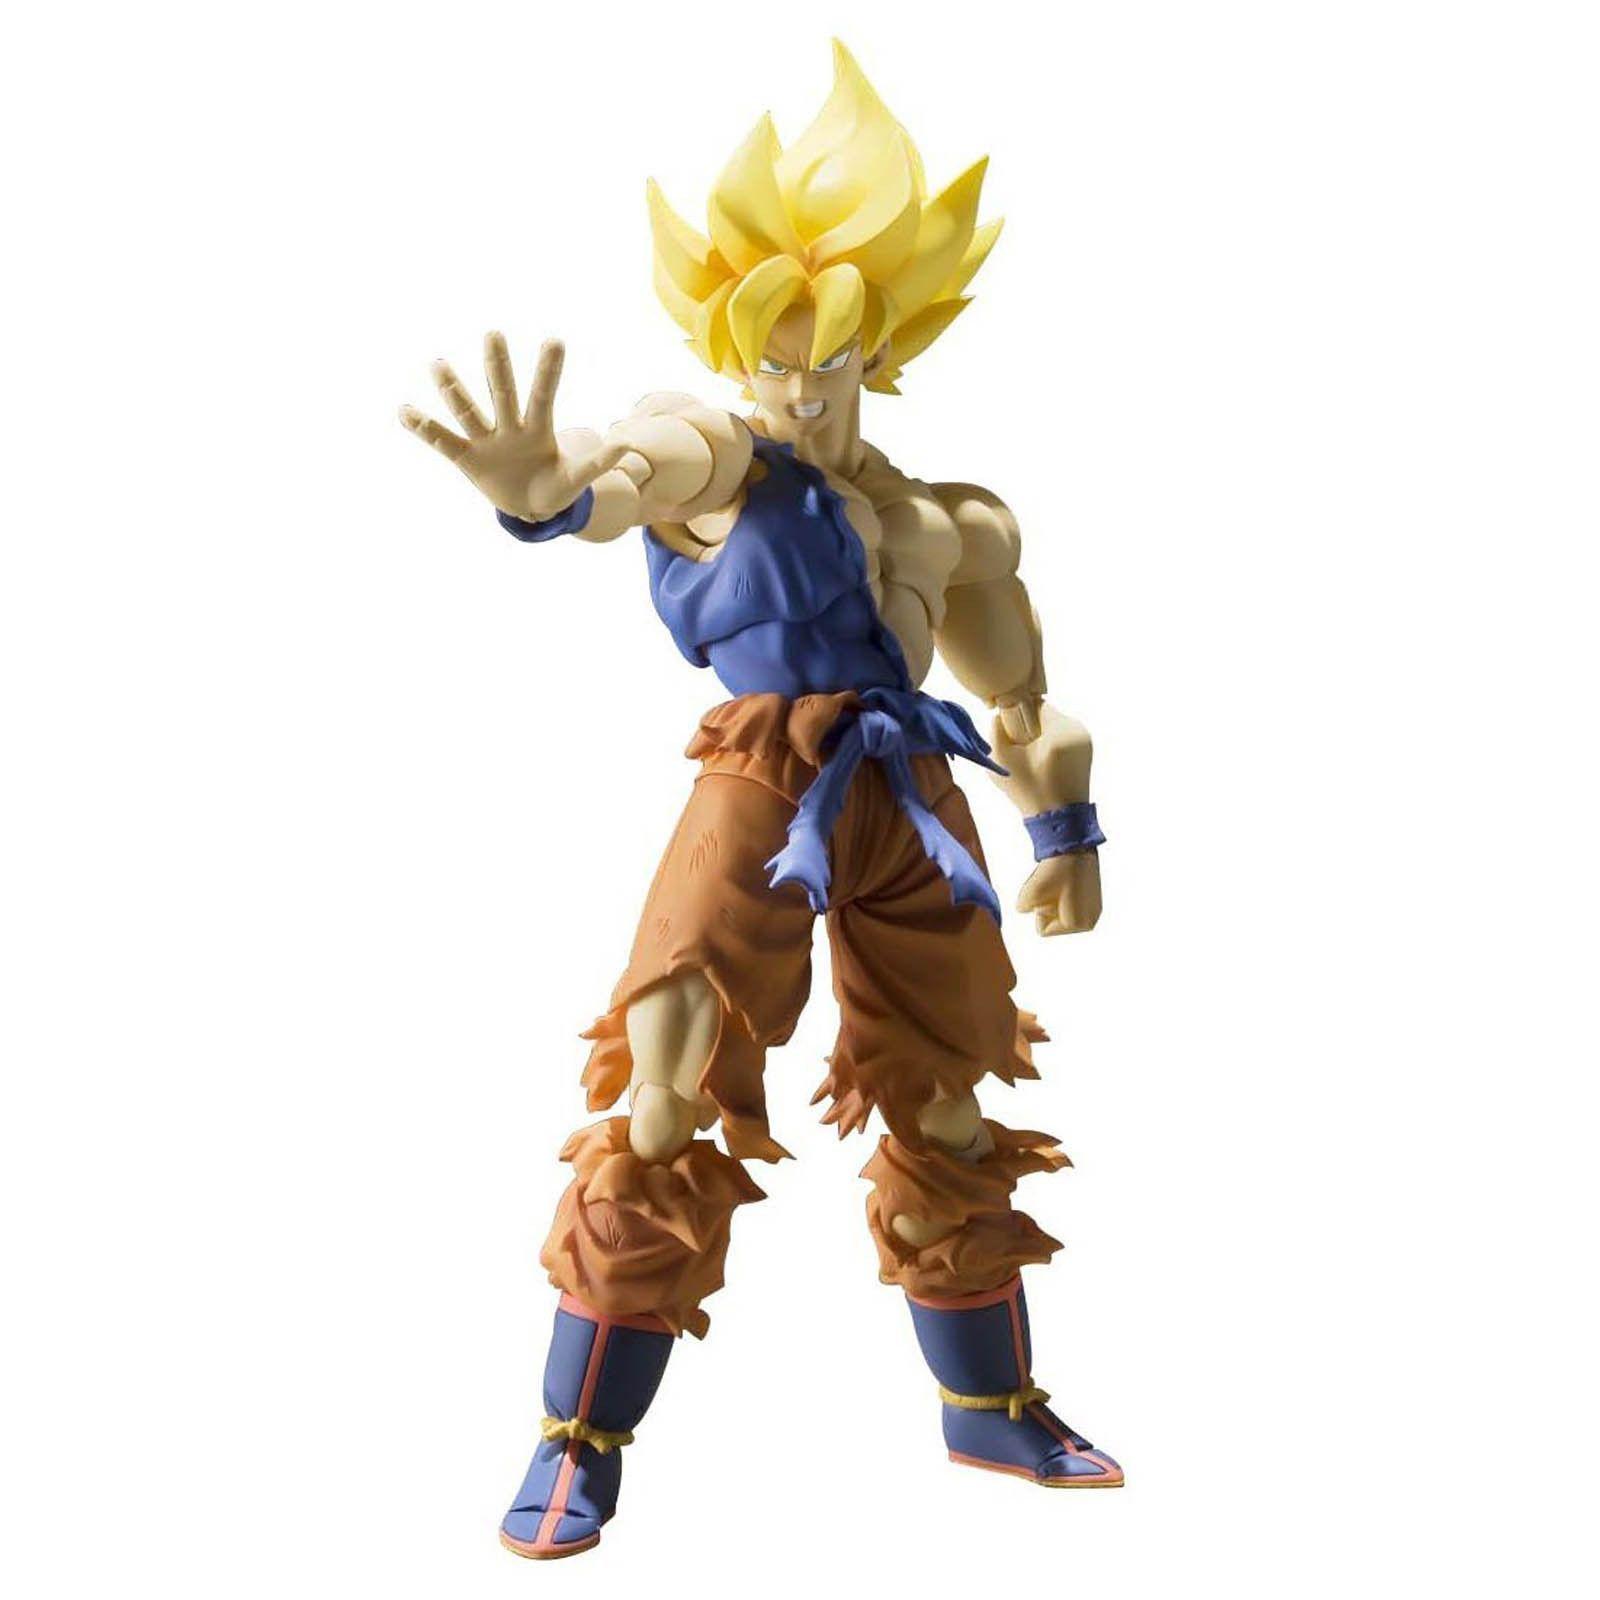 Dragon Ball Z Action Figure S.H Figuarts Son Goku A Saiyan Raised On Earth 15cm